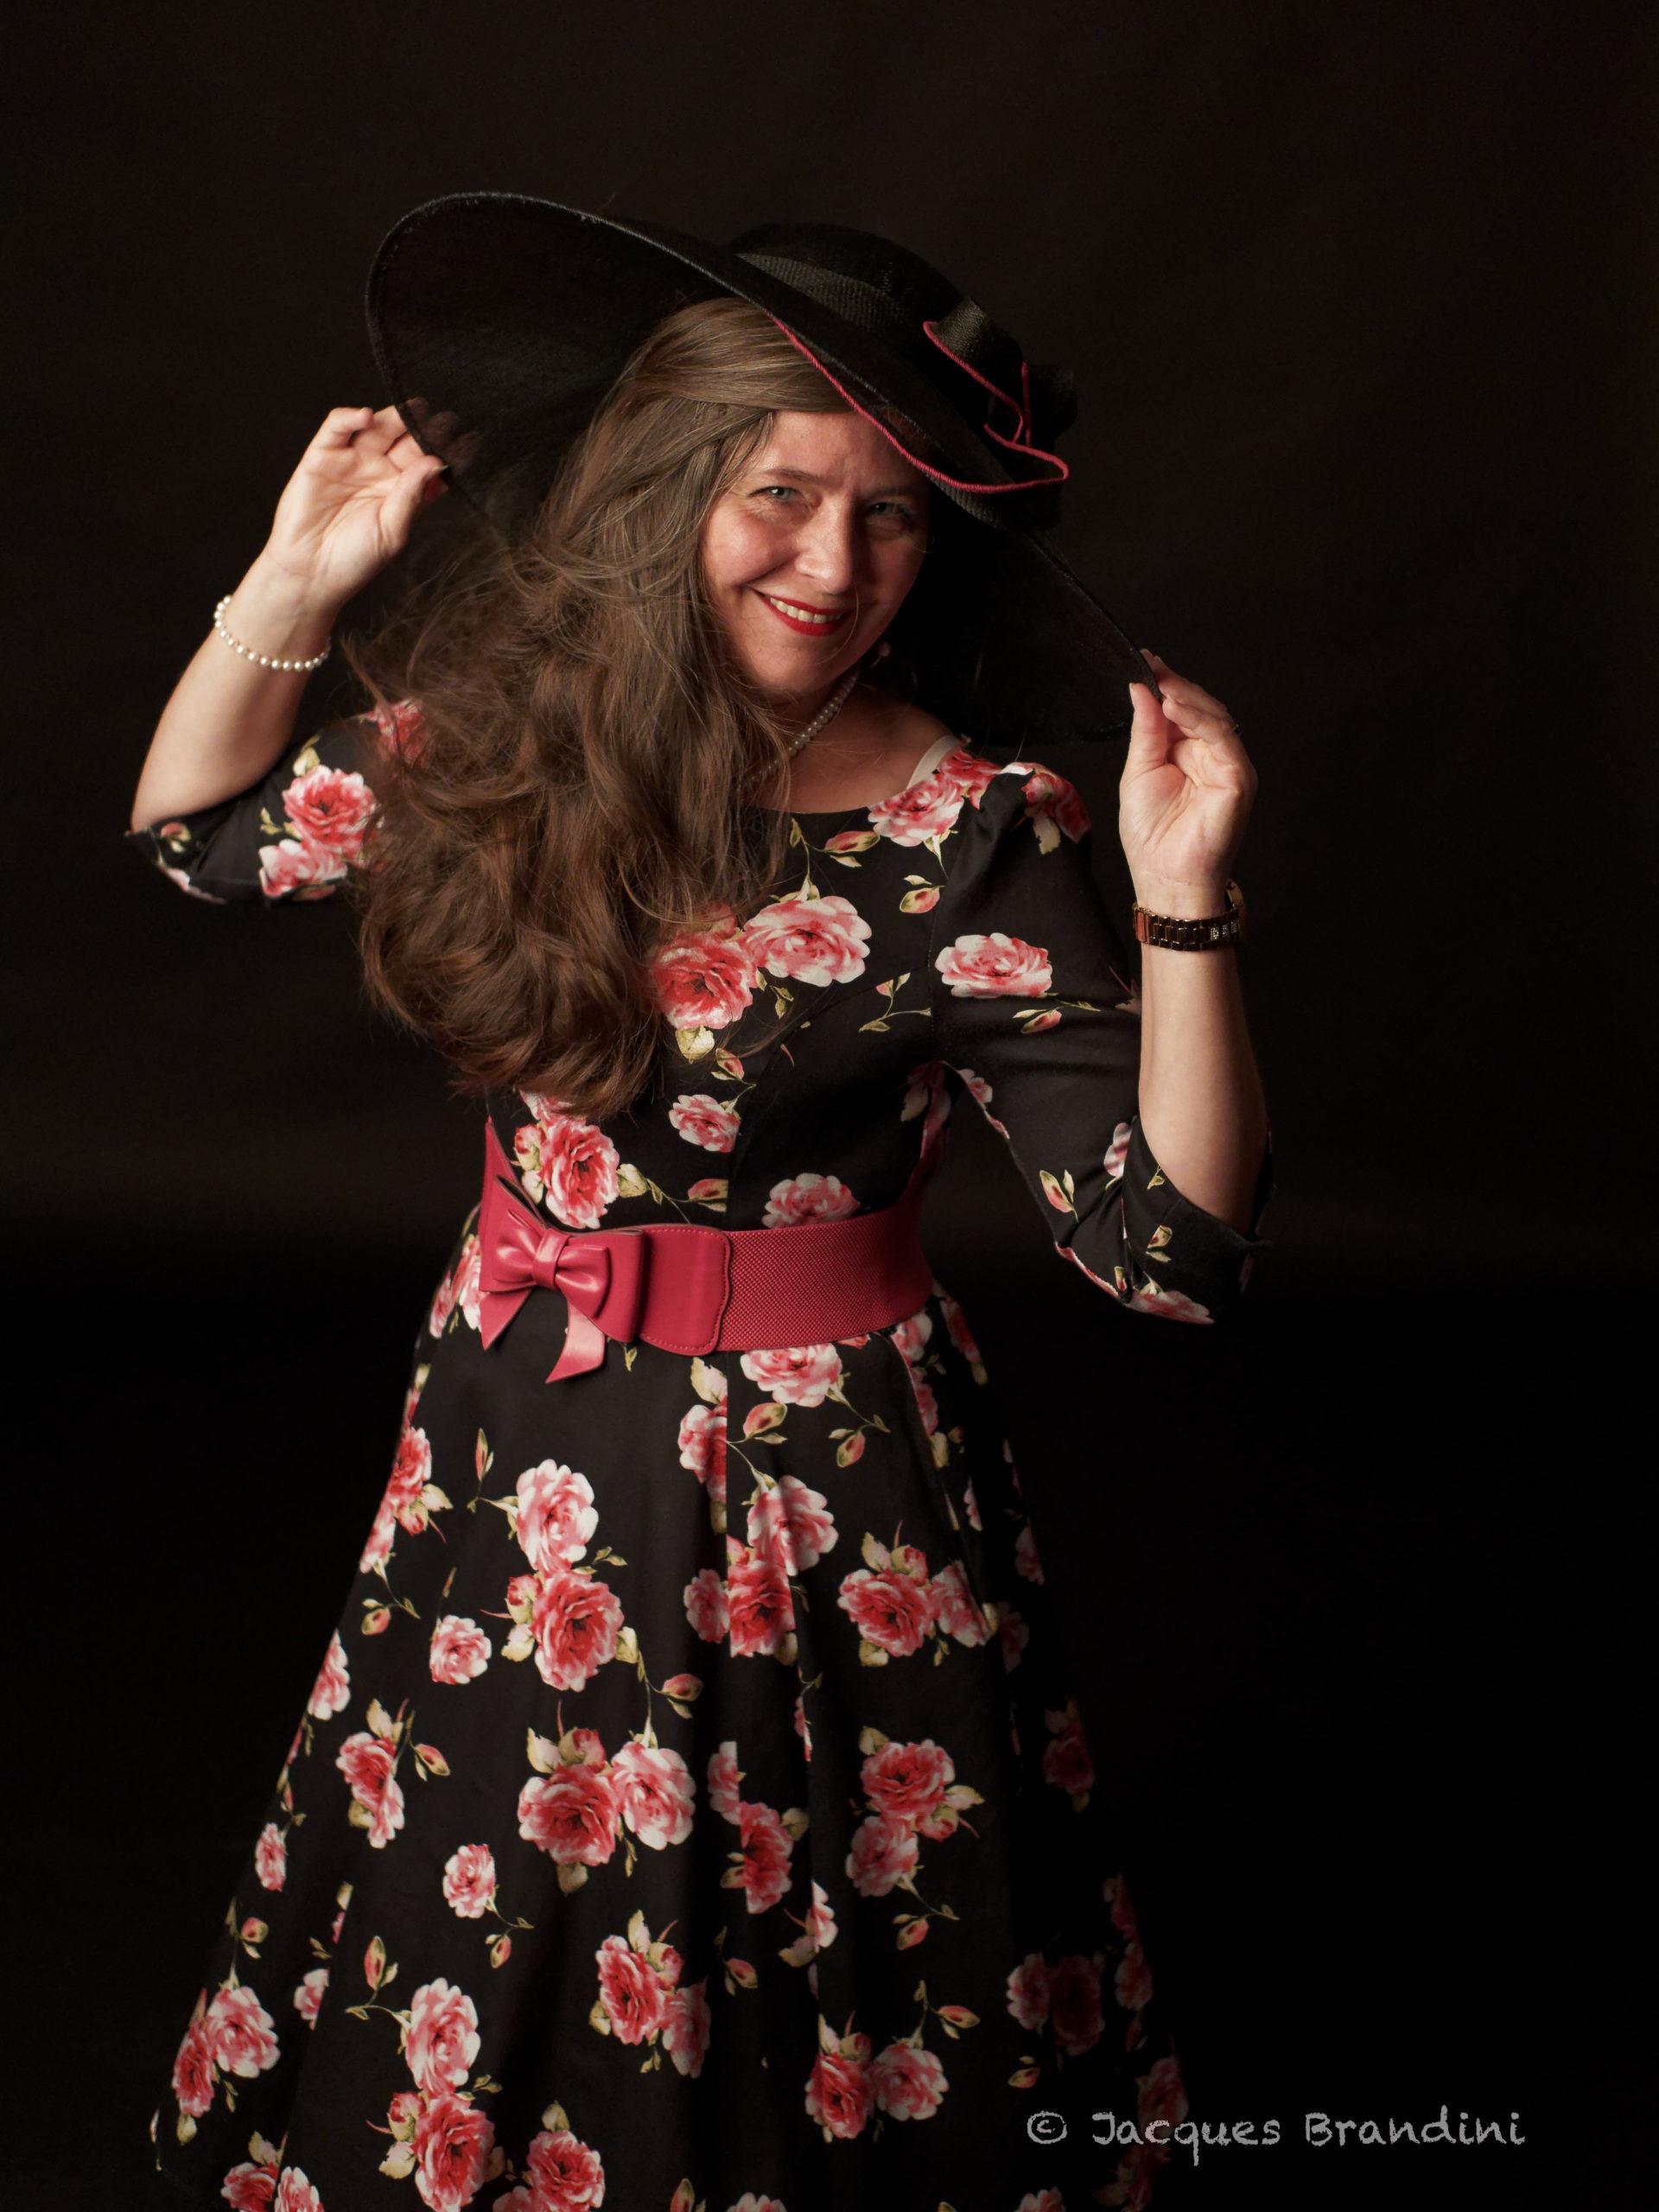 """La robe que je nomme """"fleur hivernale"""" rose fushia. Marque : Hearts & Roses - Boutique Sweet Candy Shop à Molsheim. Model : Cendrine Miesch dite LaPtiteAlsacienne. Photo de Jacques Brandini"""